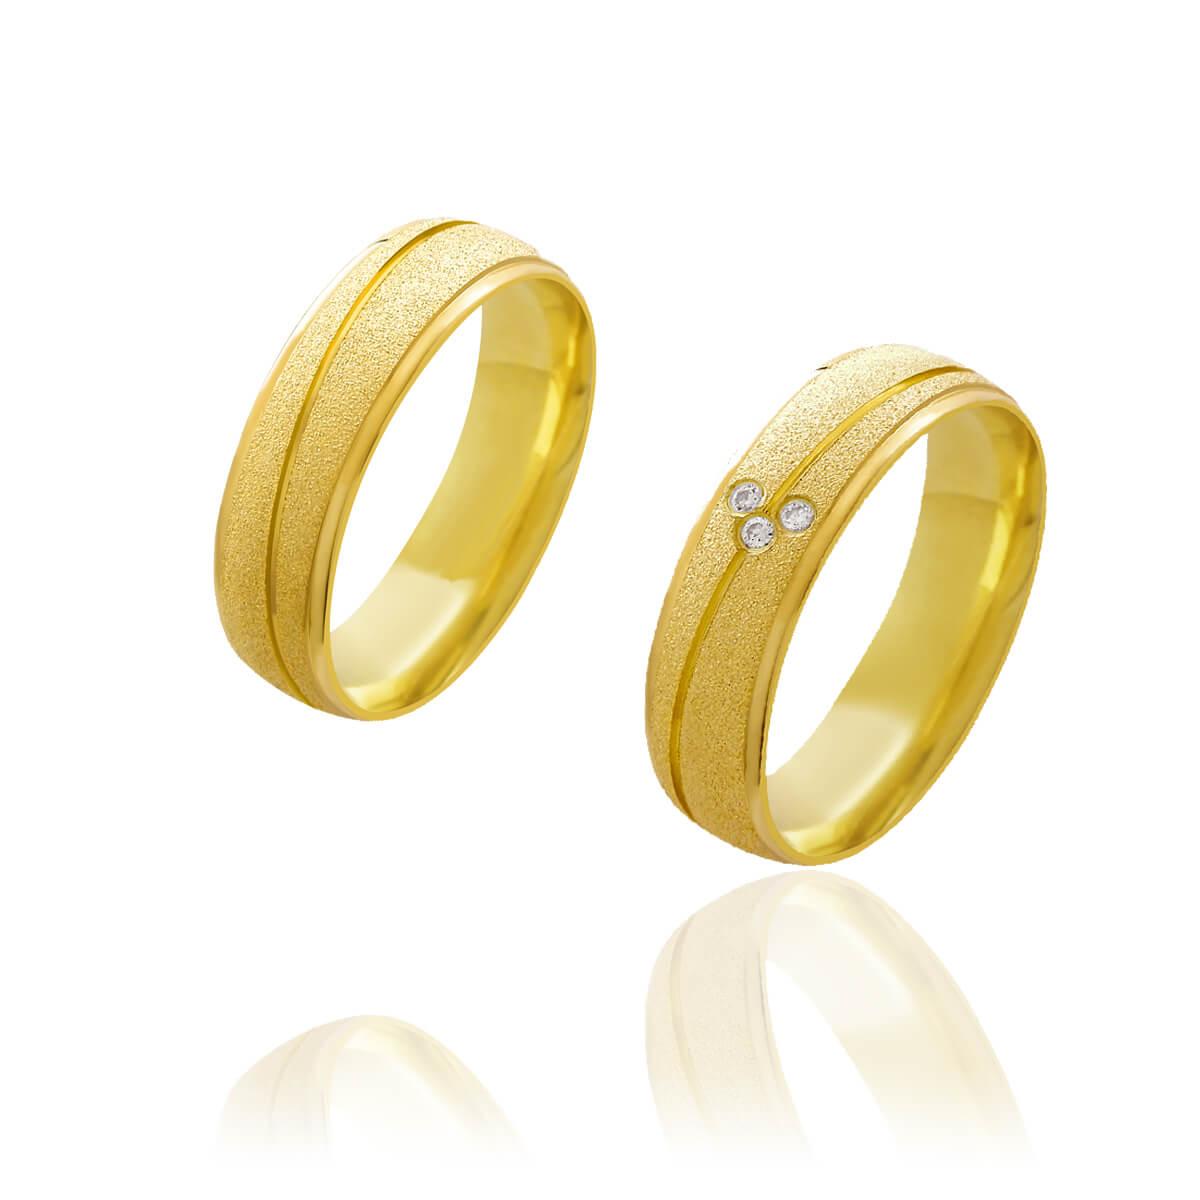 Par de Alianças de Casamento Afrodite Ouro 18k Abaulada Diamantada com Brilhante Zircönias 6mm 6,4g